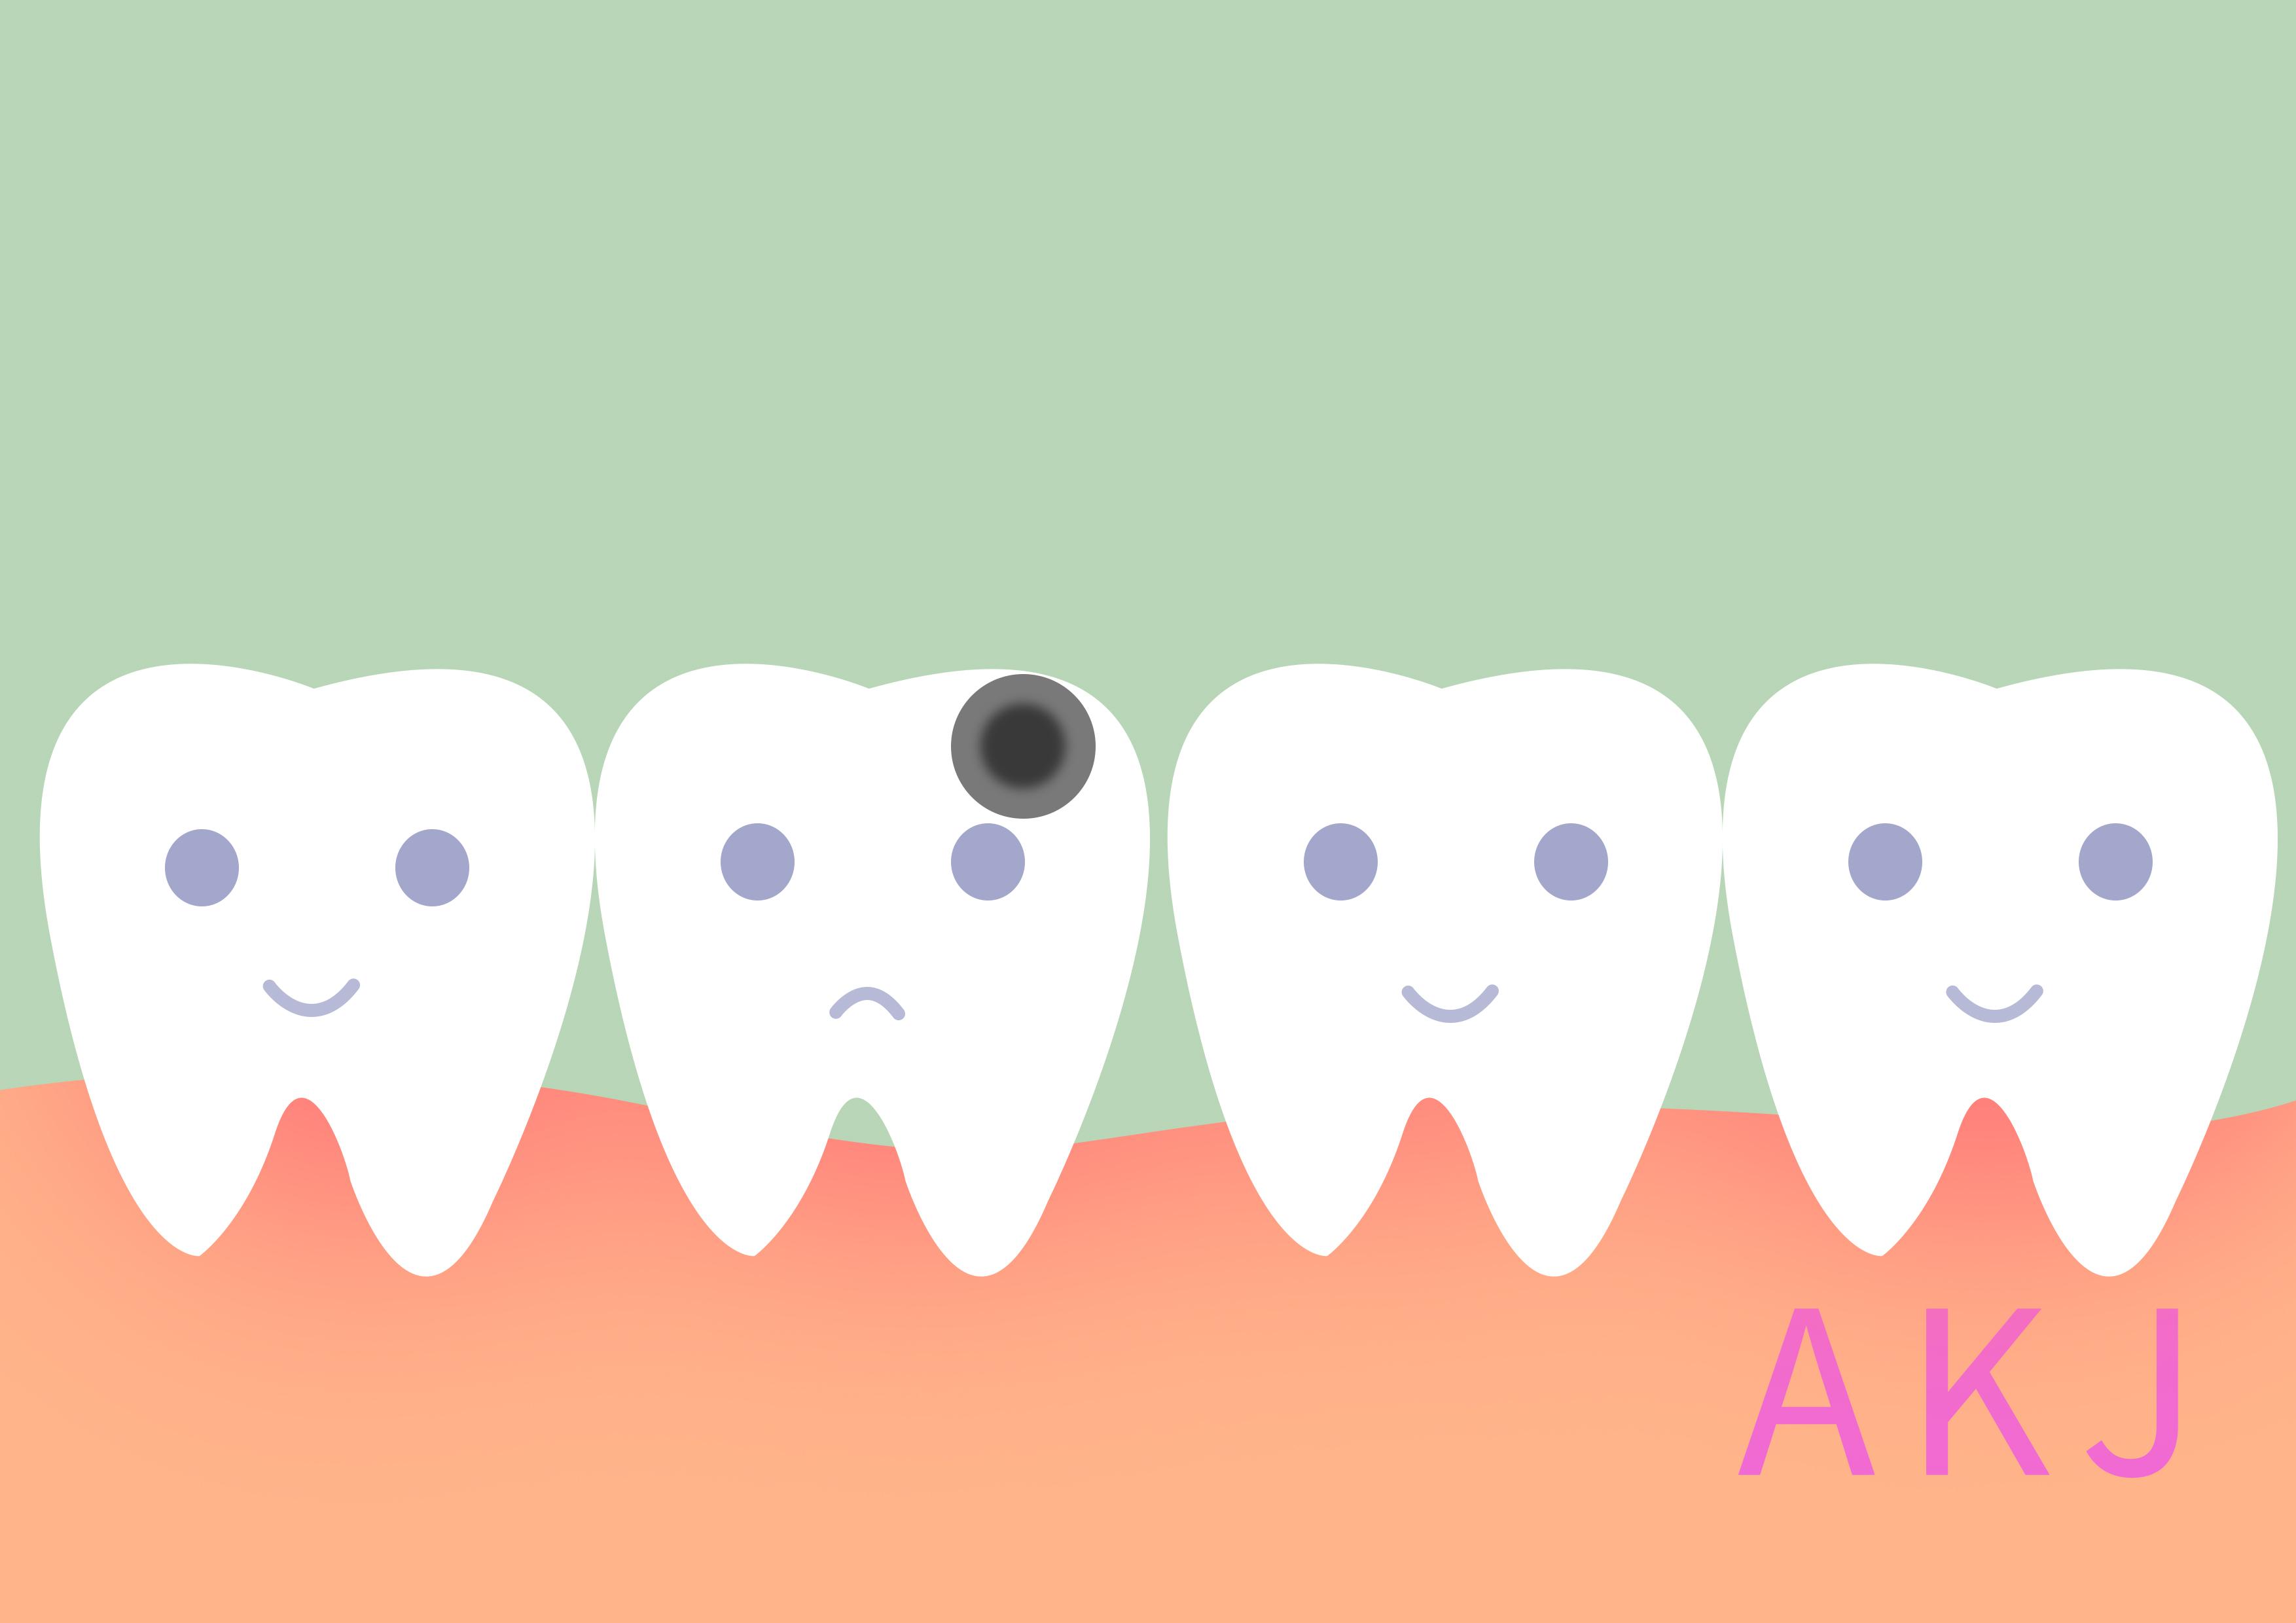 蛀牙示意图片